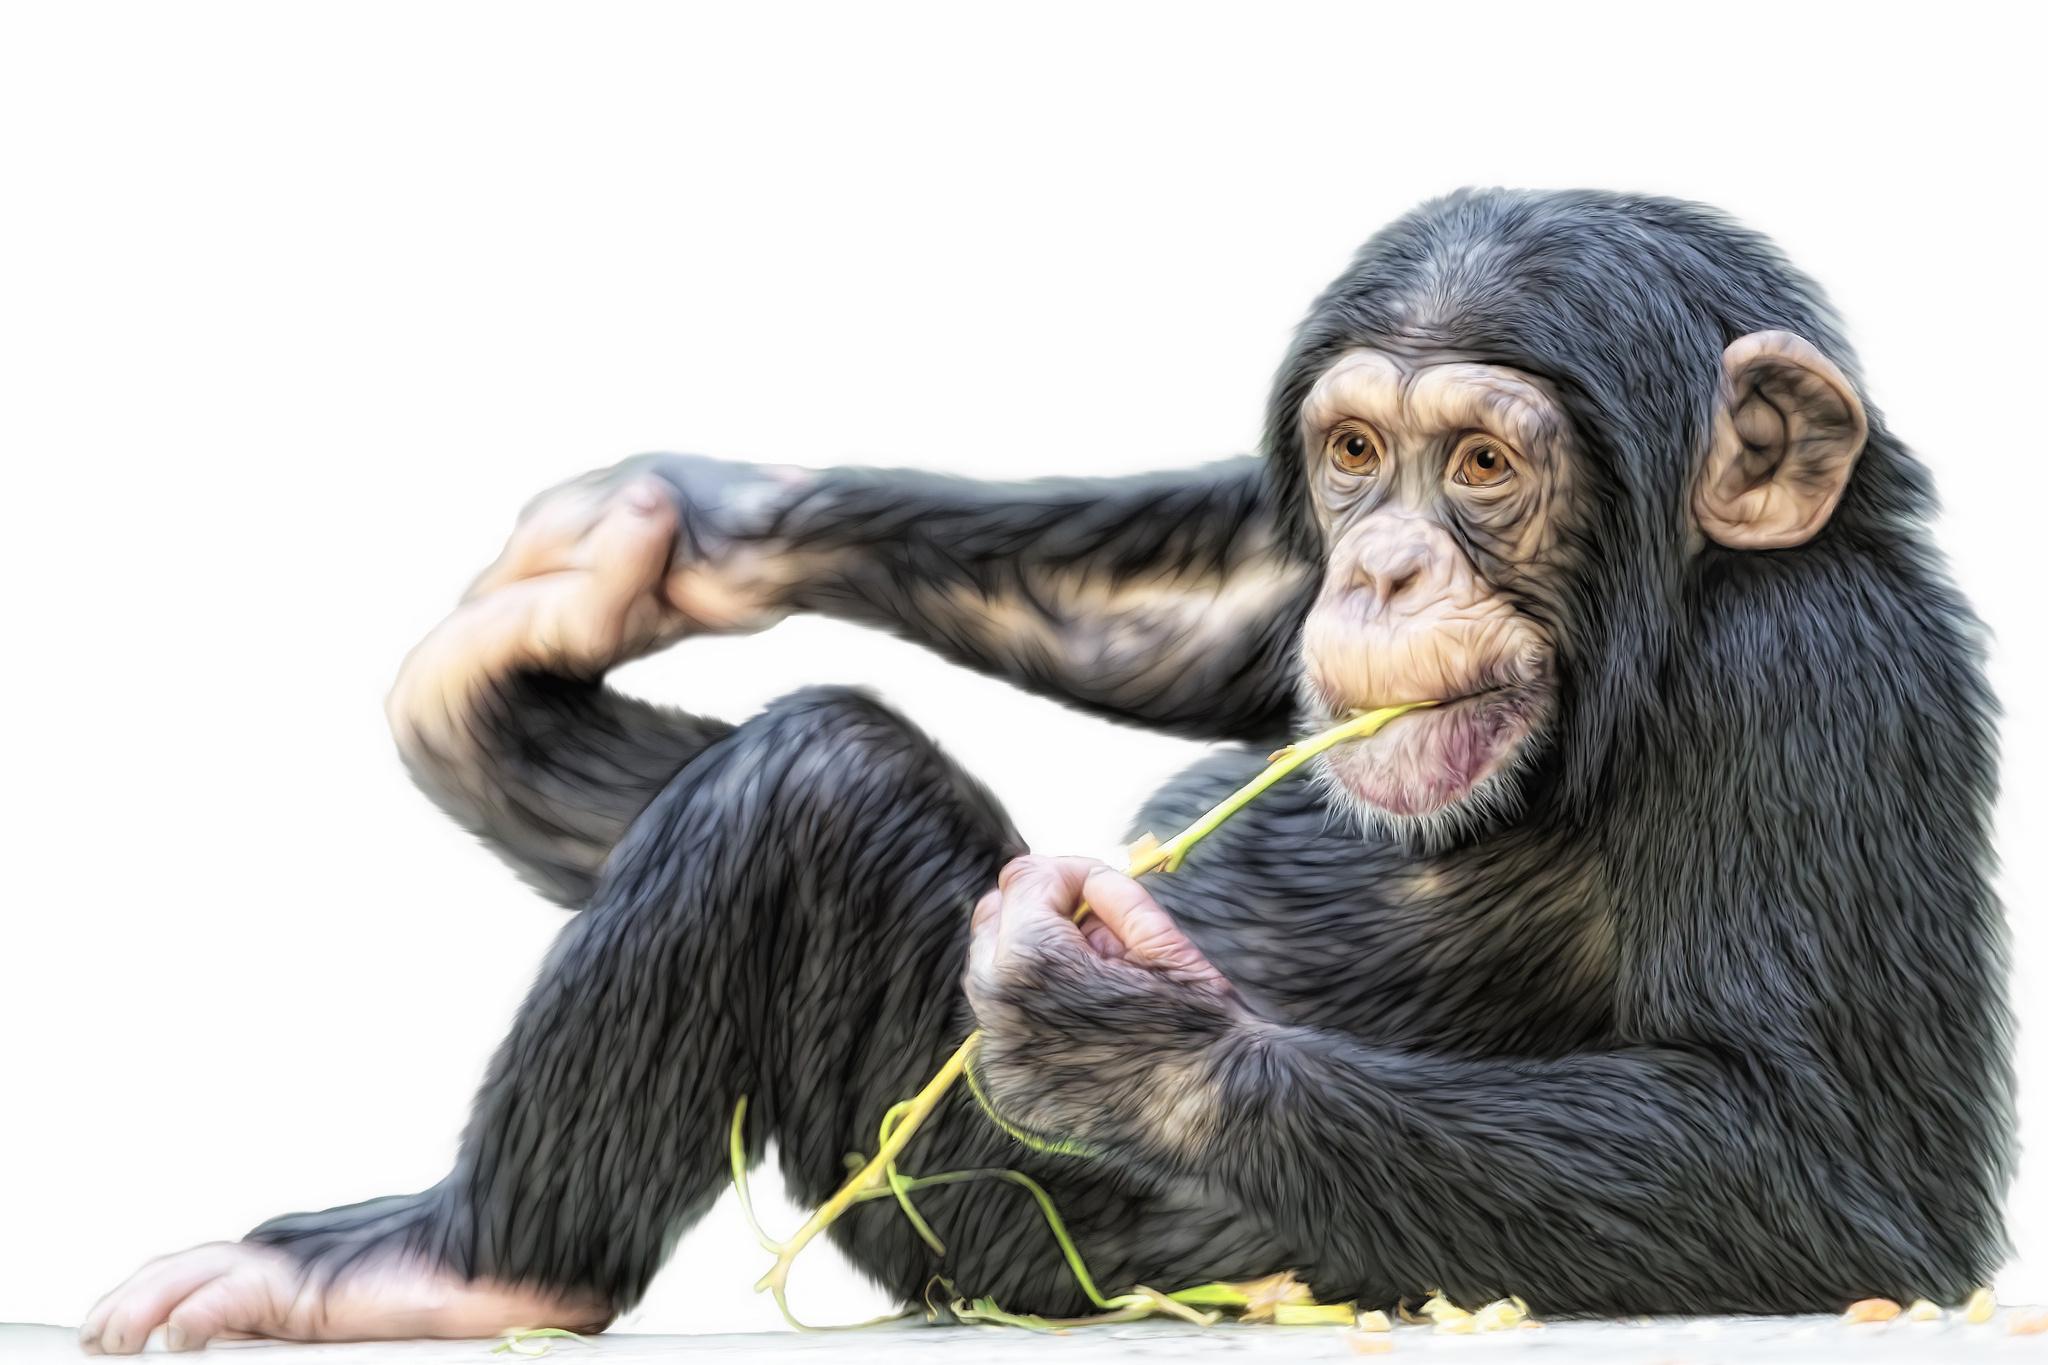 Monkey chimpanzee wallpaper 2048x1365 166994 wallpaperup